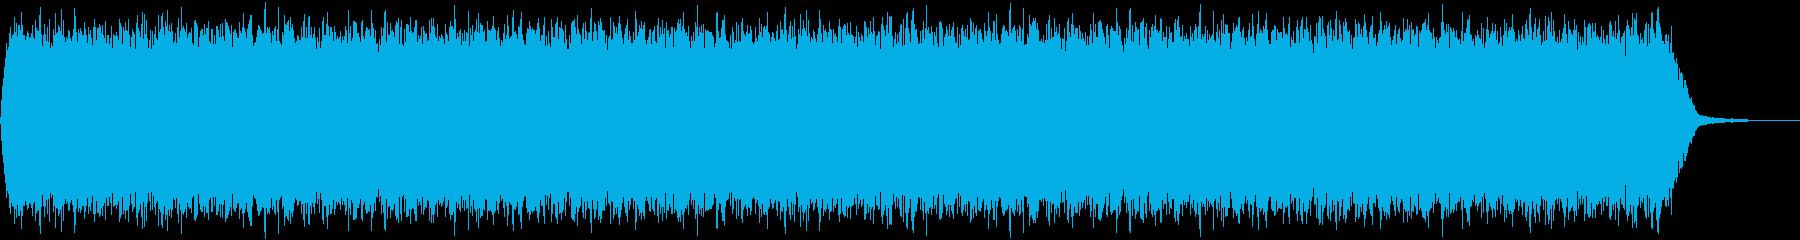 【アンビエント】ドローン_11 実験音の再生済みの波形